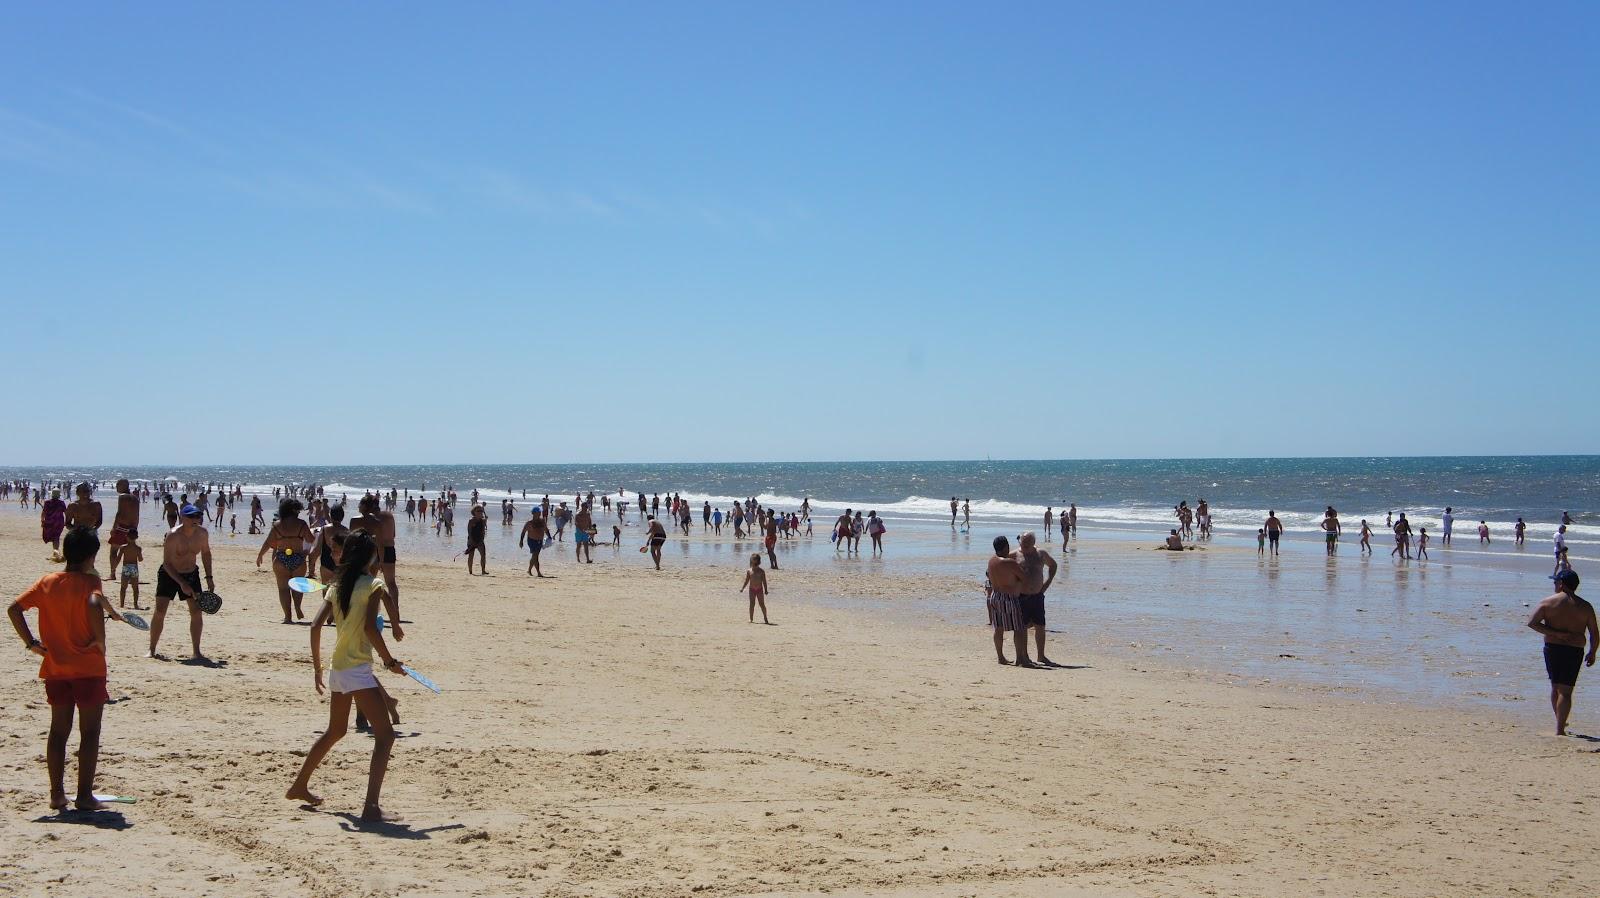 La vida es una semana y el cielo una eternidad playa de matalasca as ca o guerrero - Pisos en cano guerrero matalascanas ...